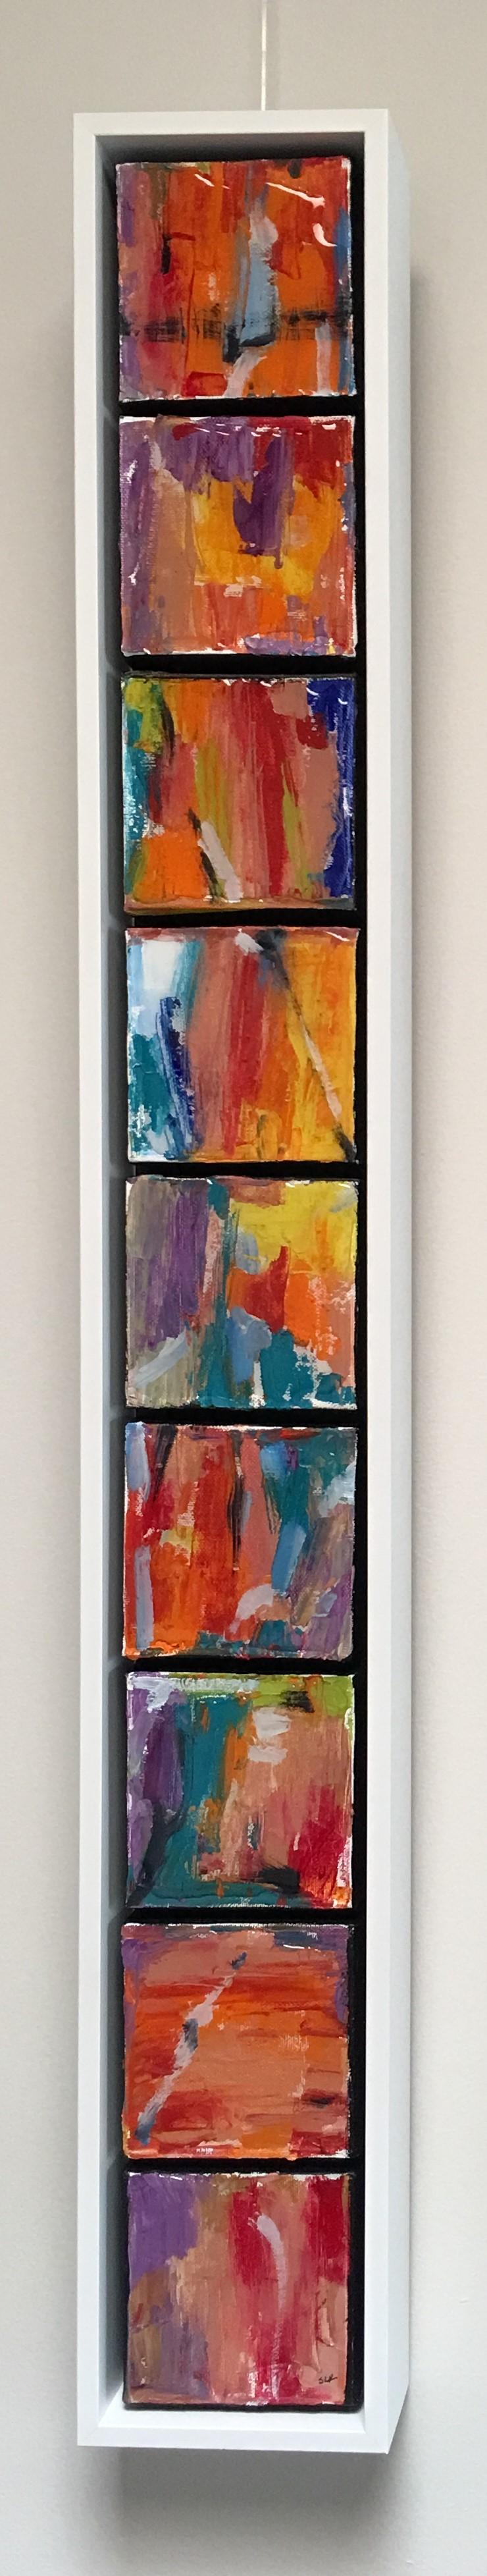 Mediterranean Frieze - 9 panels